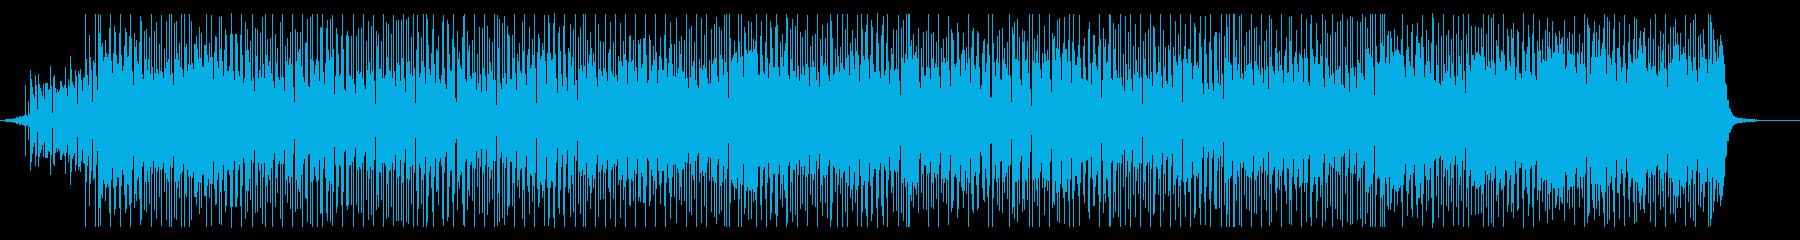 明るめシャッフル  ポップロックなBGMの再生済みの波形